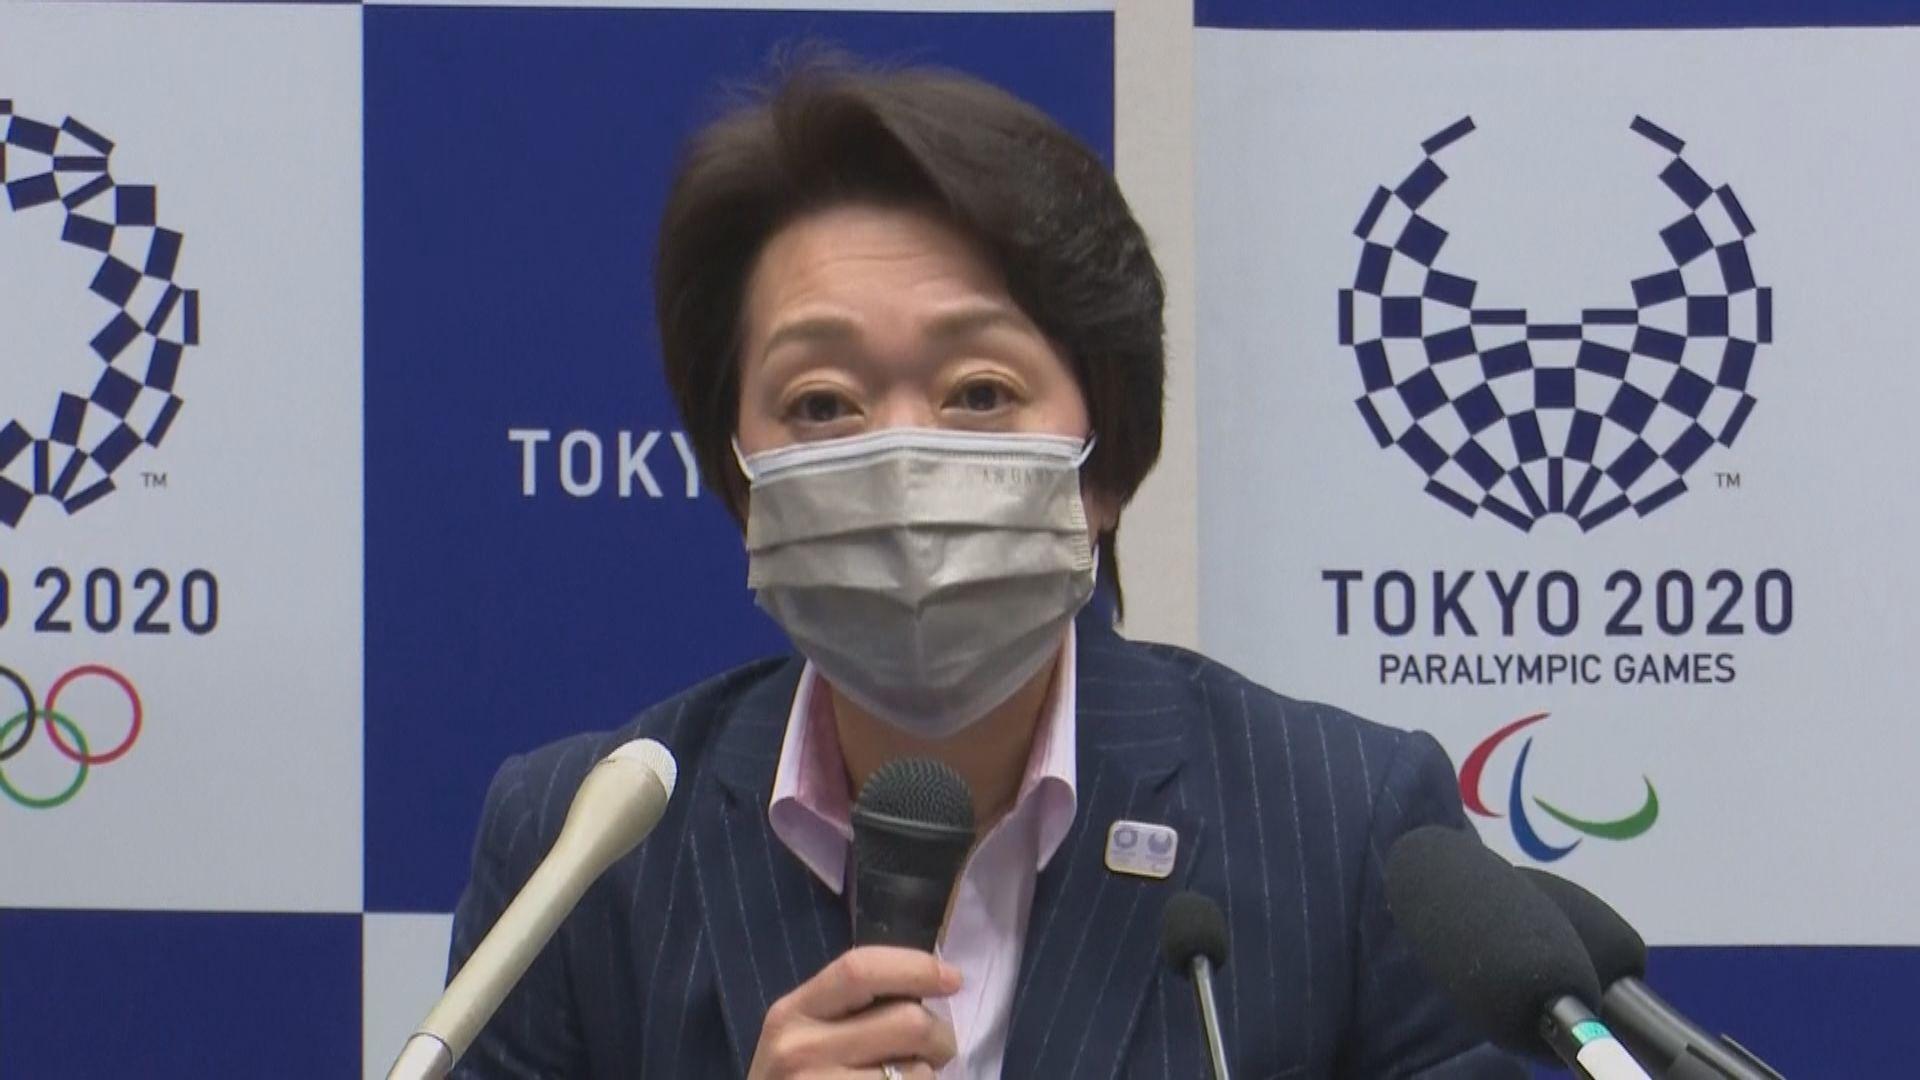 日本延長緊急狀態 東京奧組委:暫難以決定入場安排